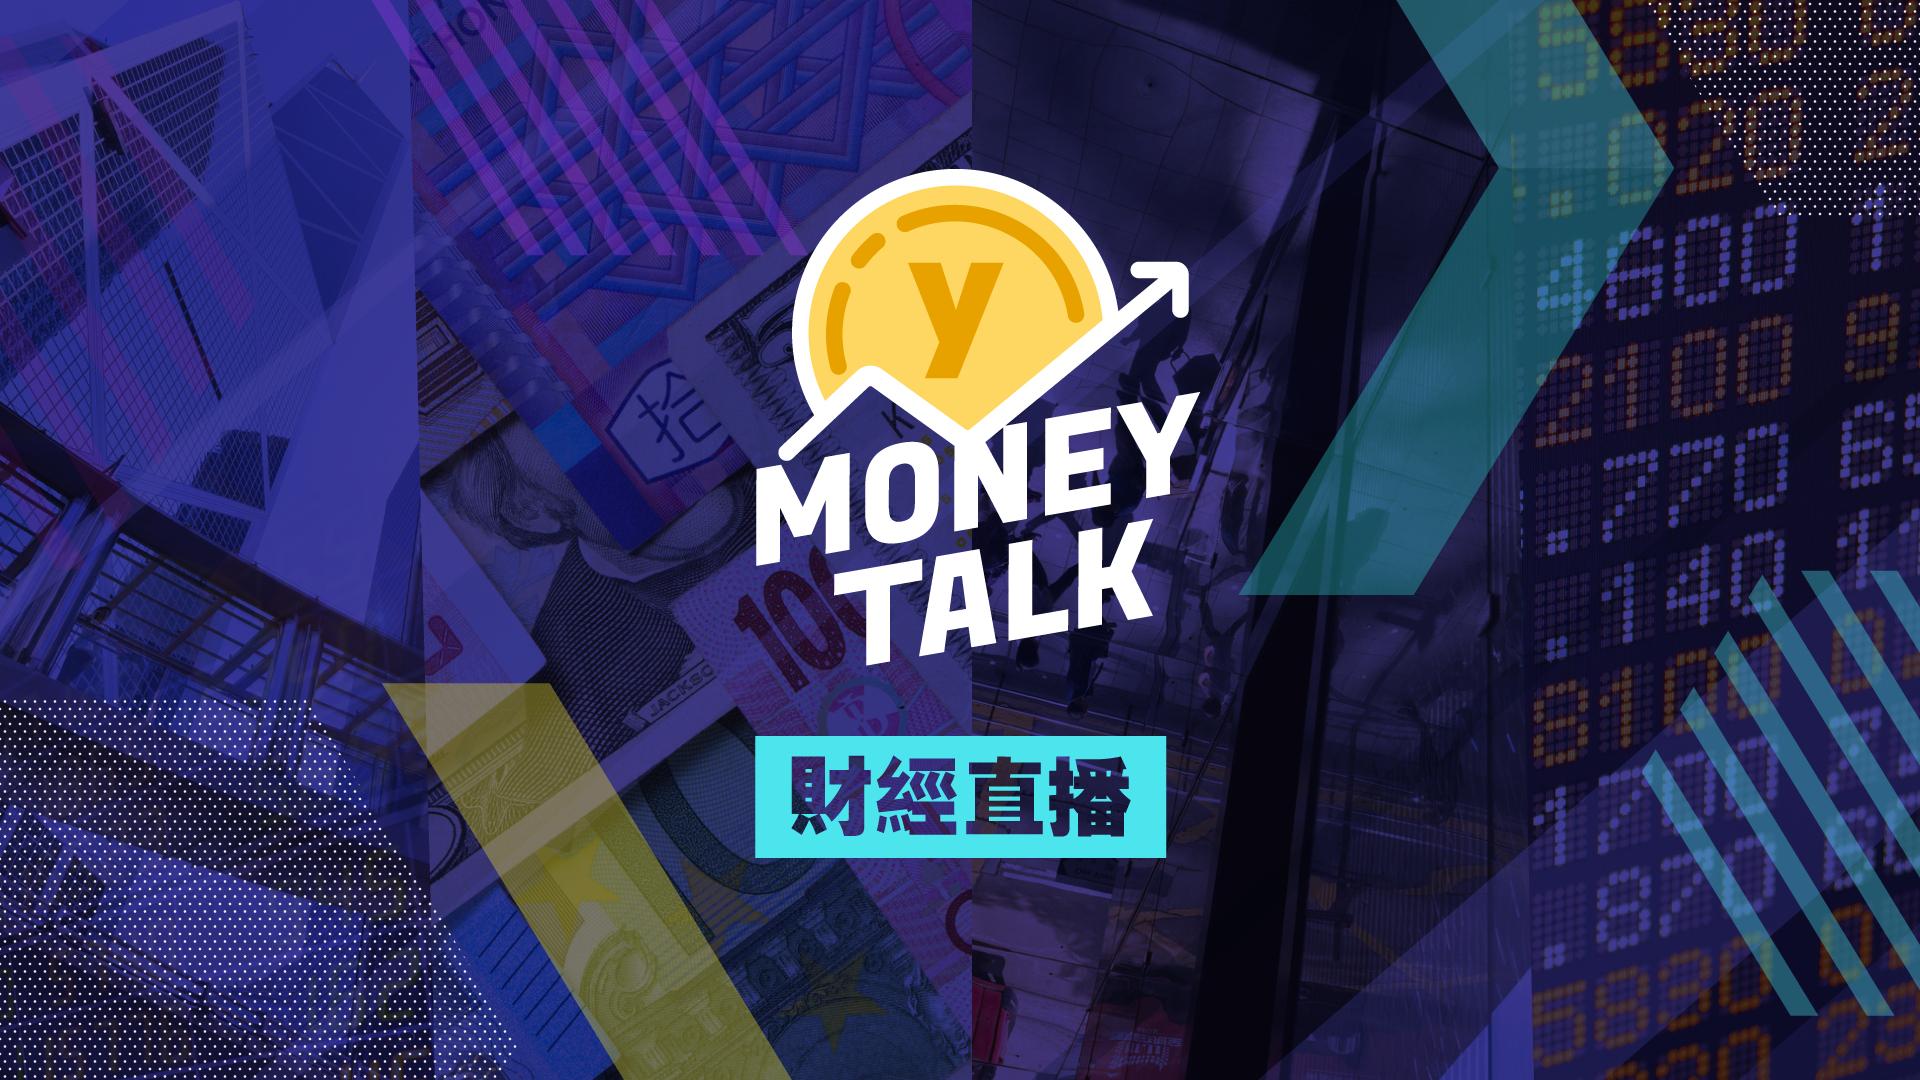 【MoneyTalk】細價股易名暗藏洗底玄機?